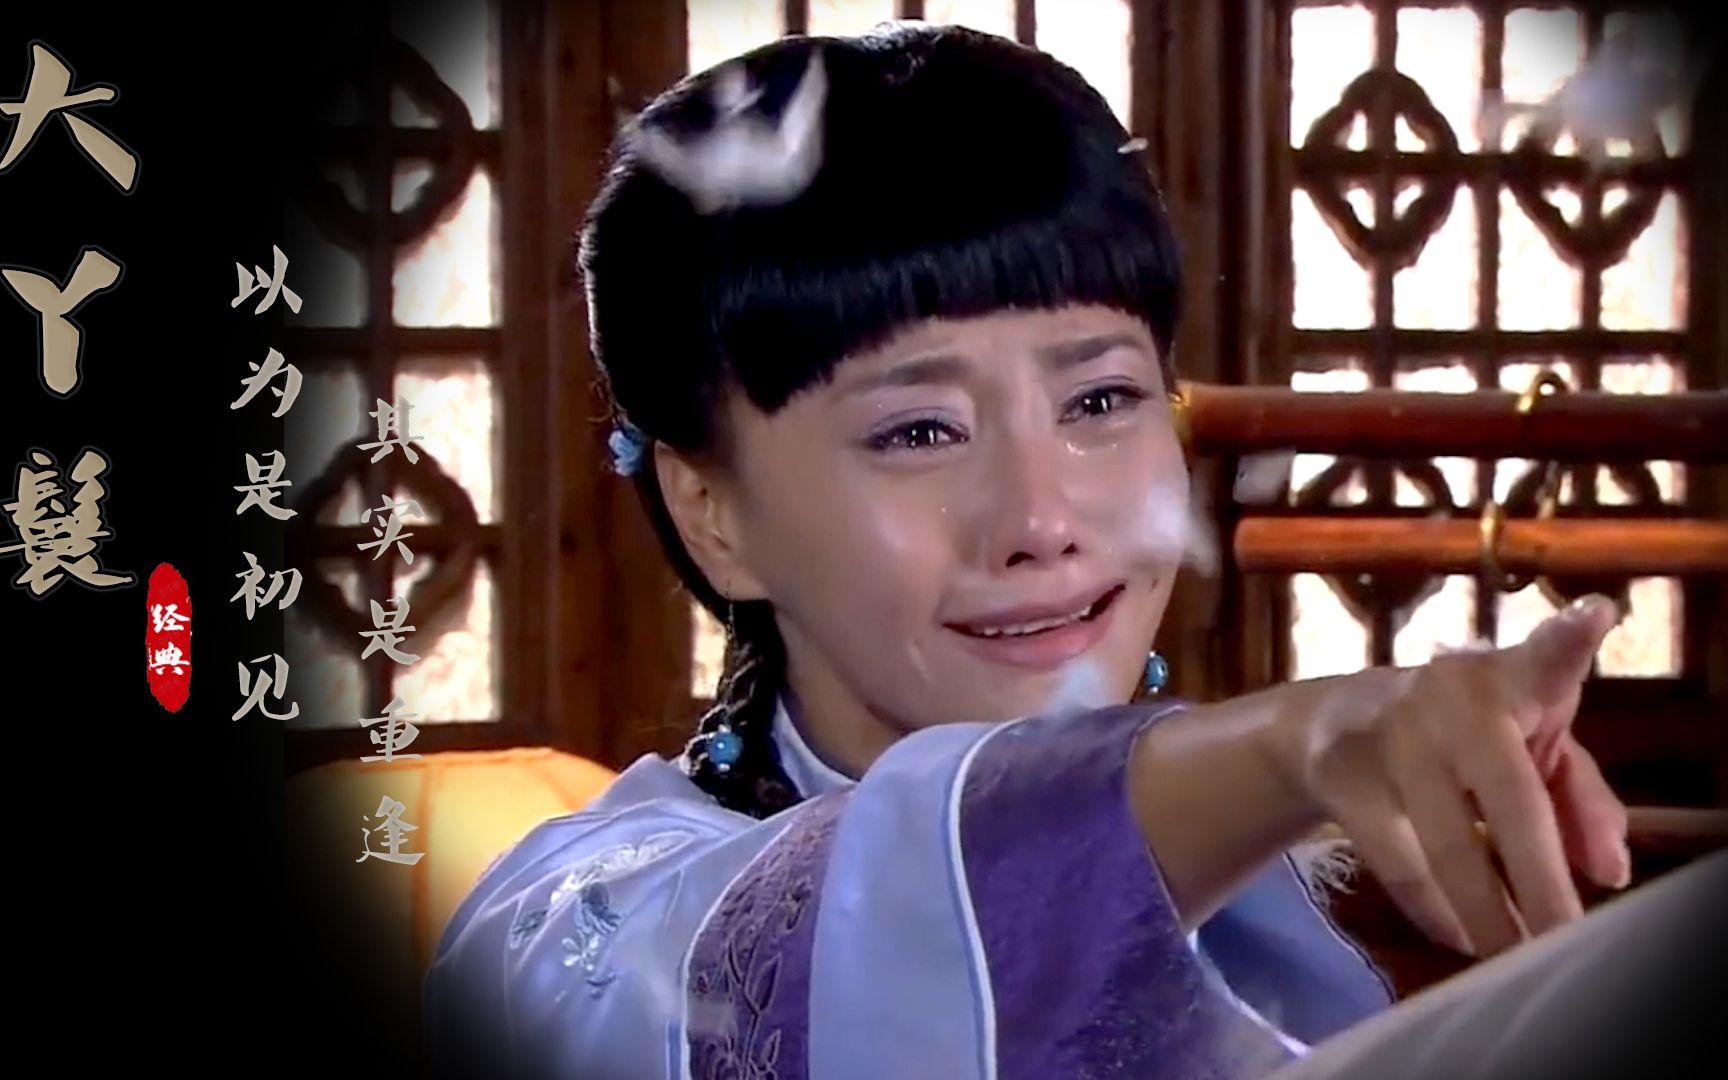 丫鬟:少爷看上丫头要娶她做通房,被对方一巴掌扇懵:我是你亲妹